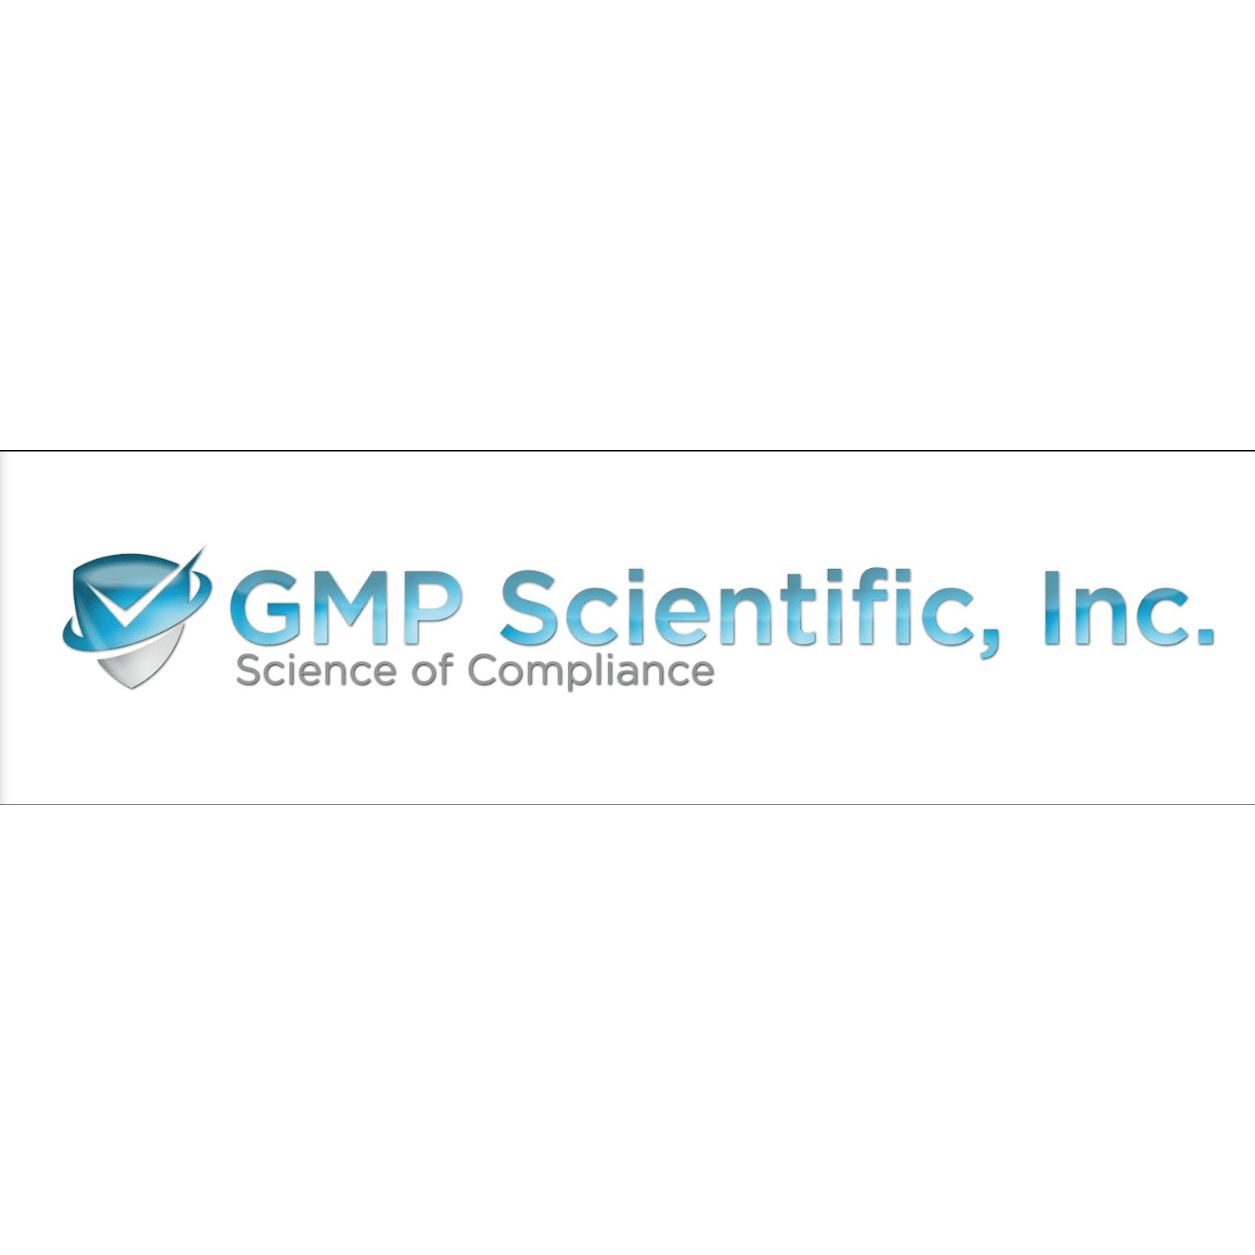 GMP Scientific, Inc.